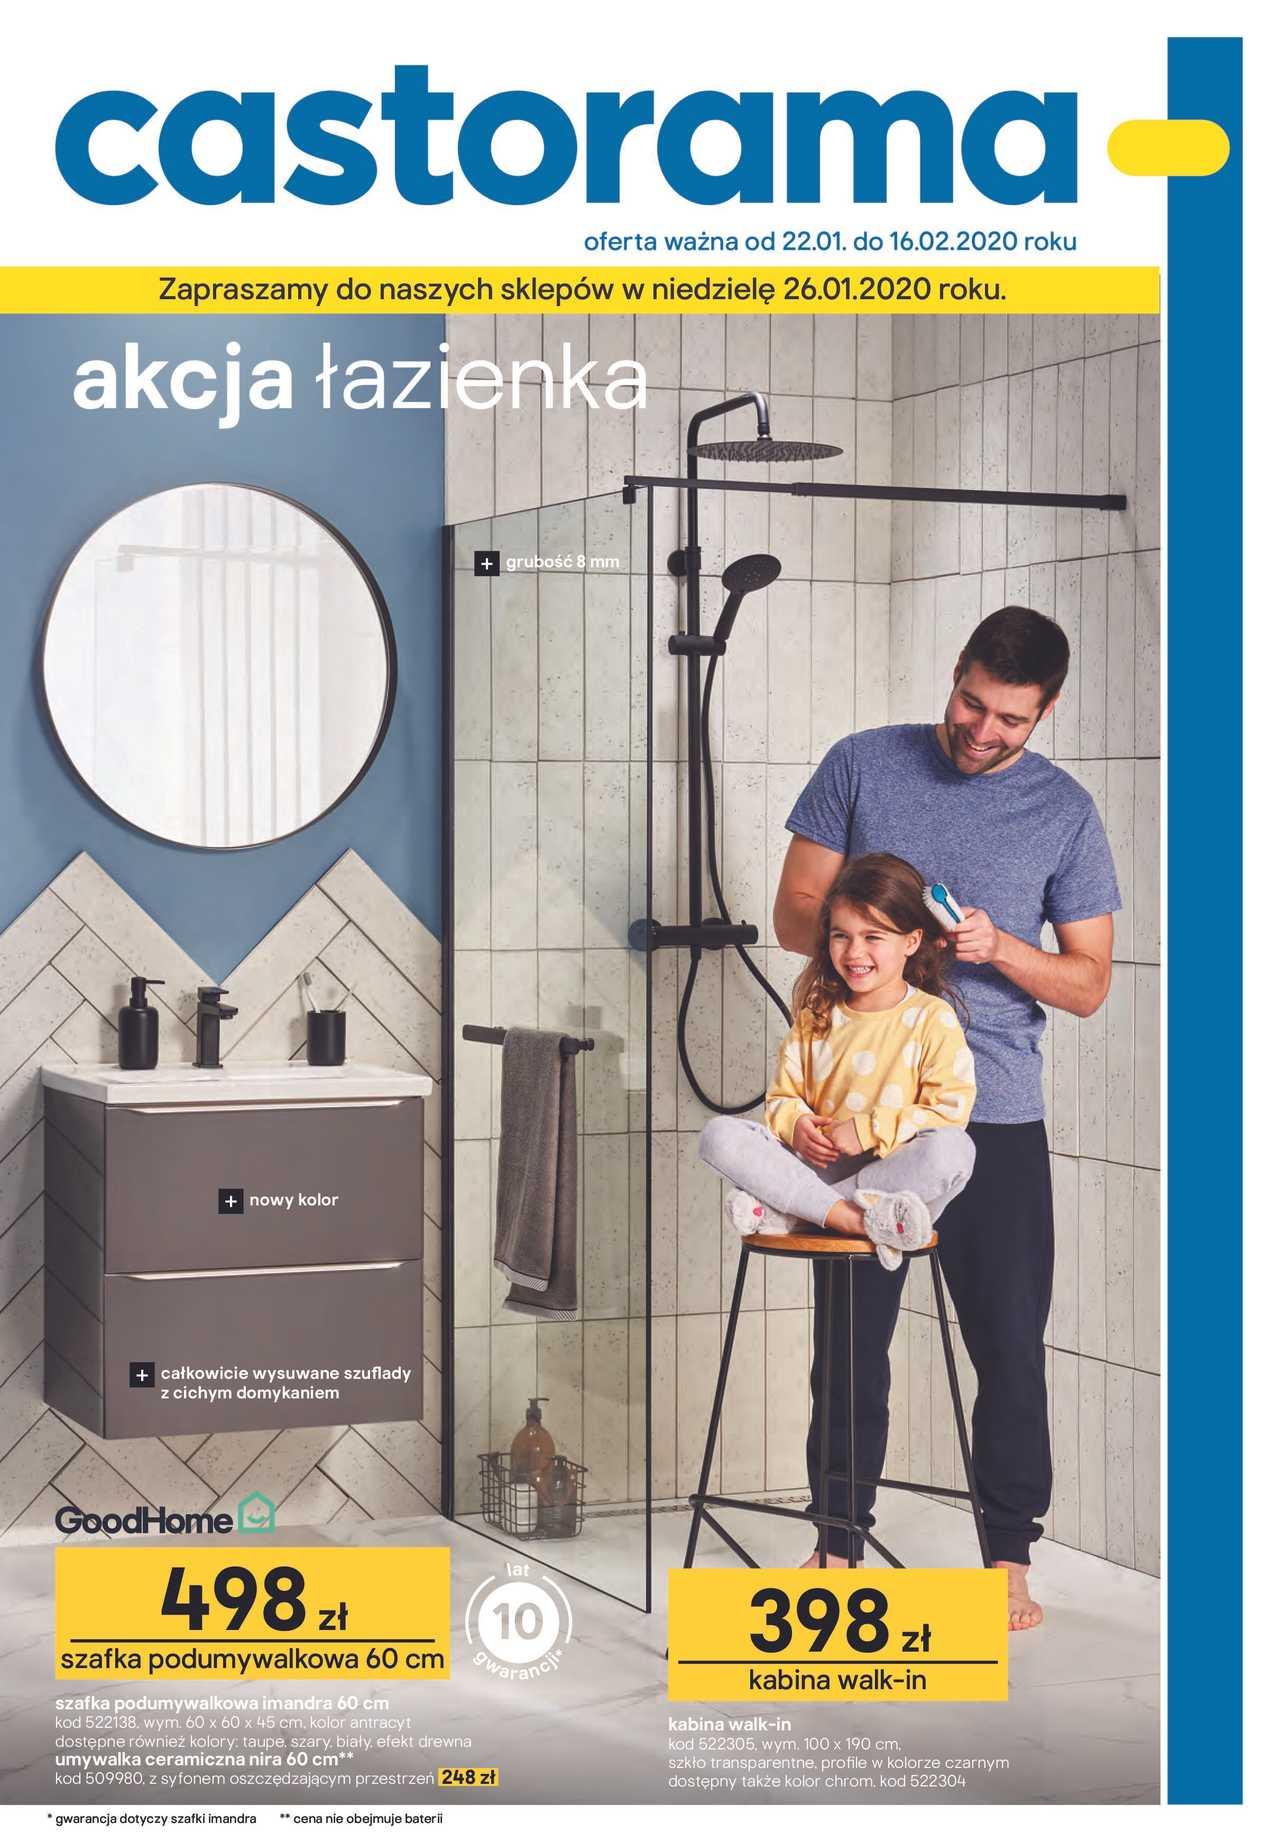 Gazetka Promocyjna Castorama Z 22 01 2020 Gazetkowo Pl